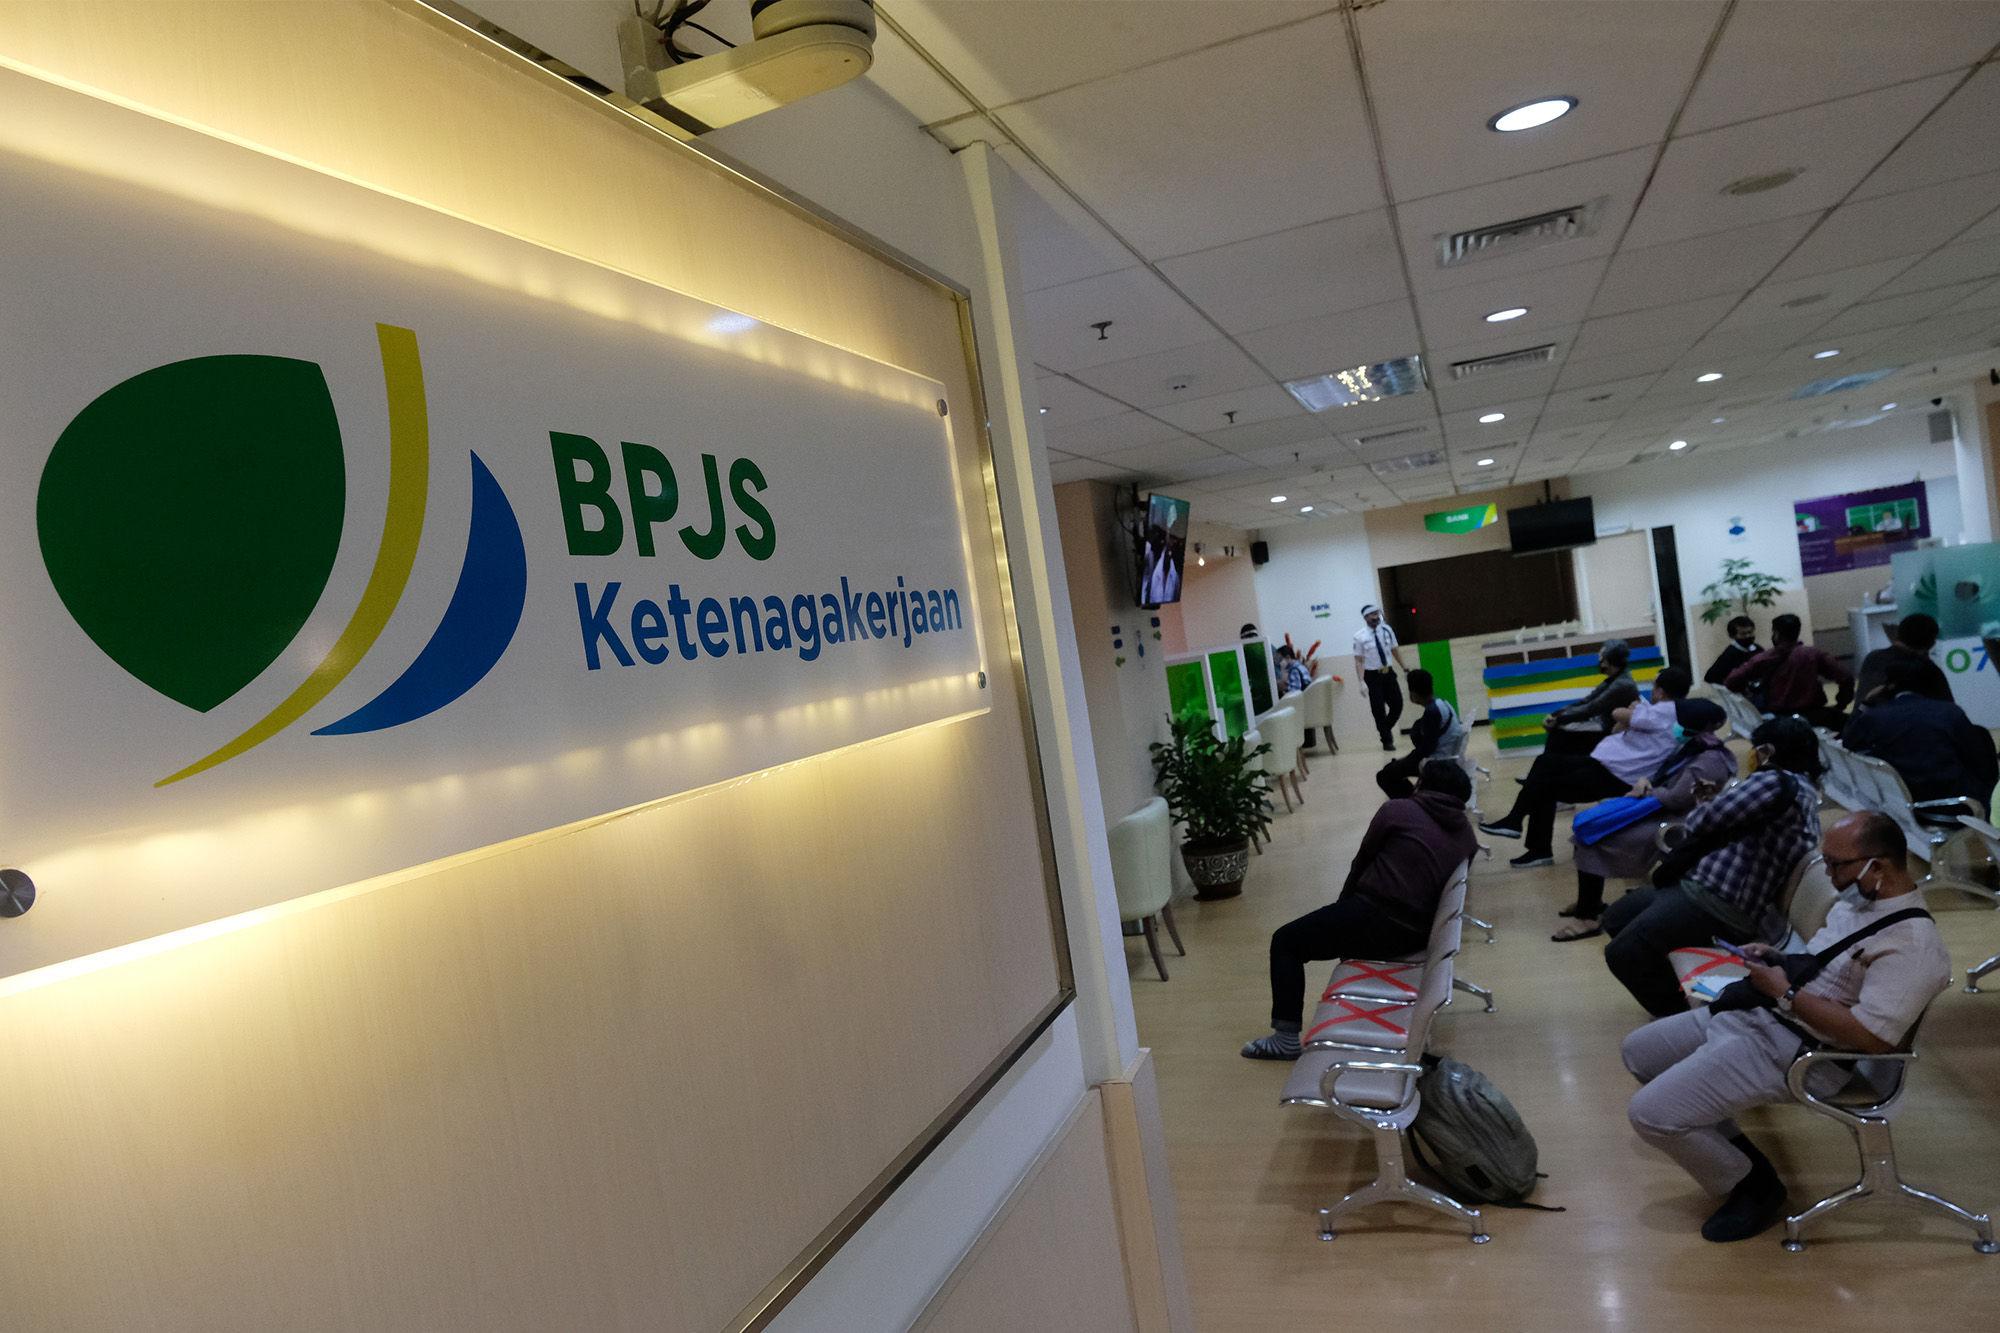 Realisasi Investasi Langsung BP Jamsostek Baru Rp1,53 Triliun